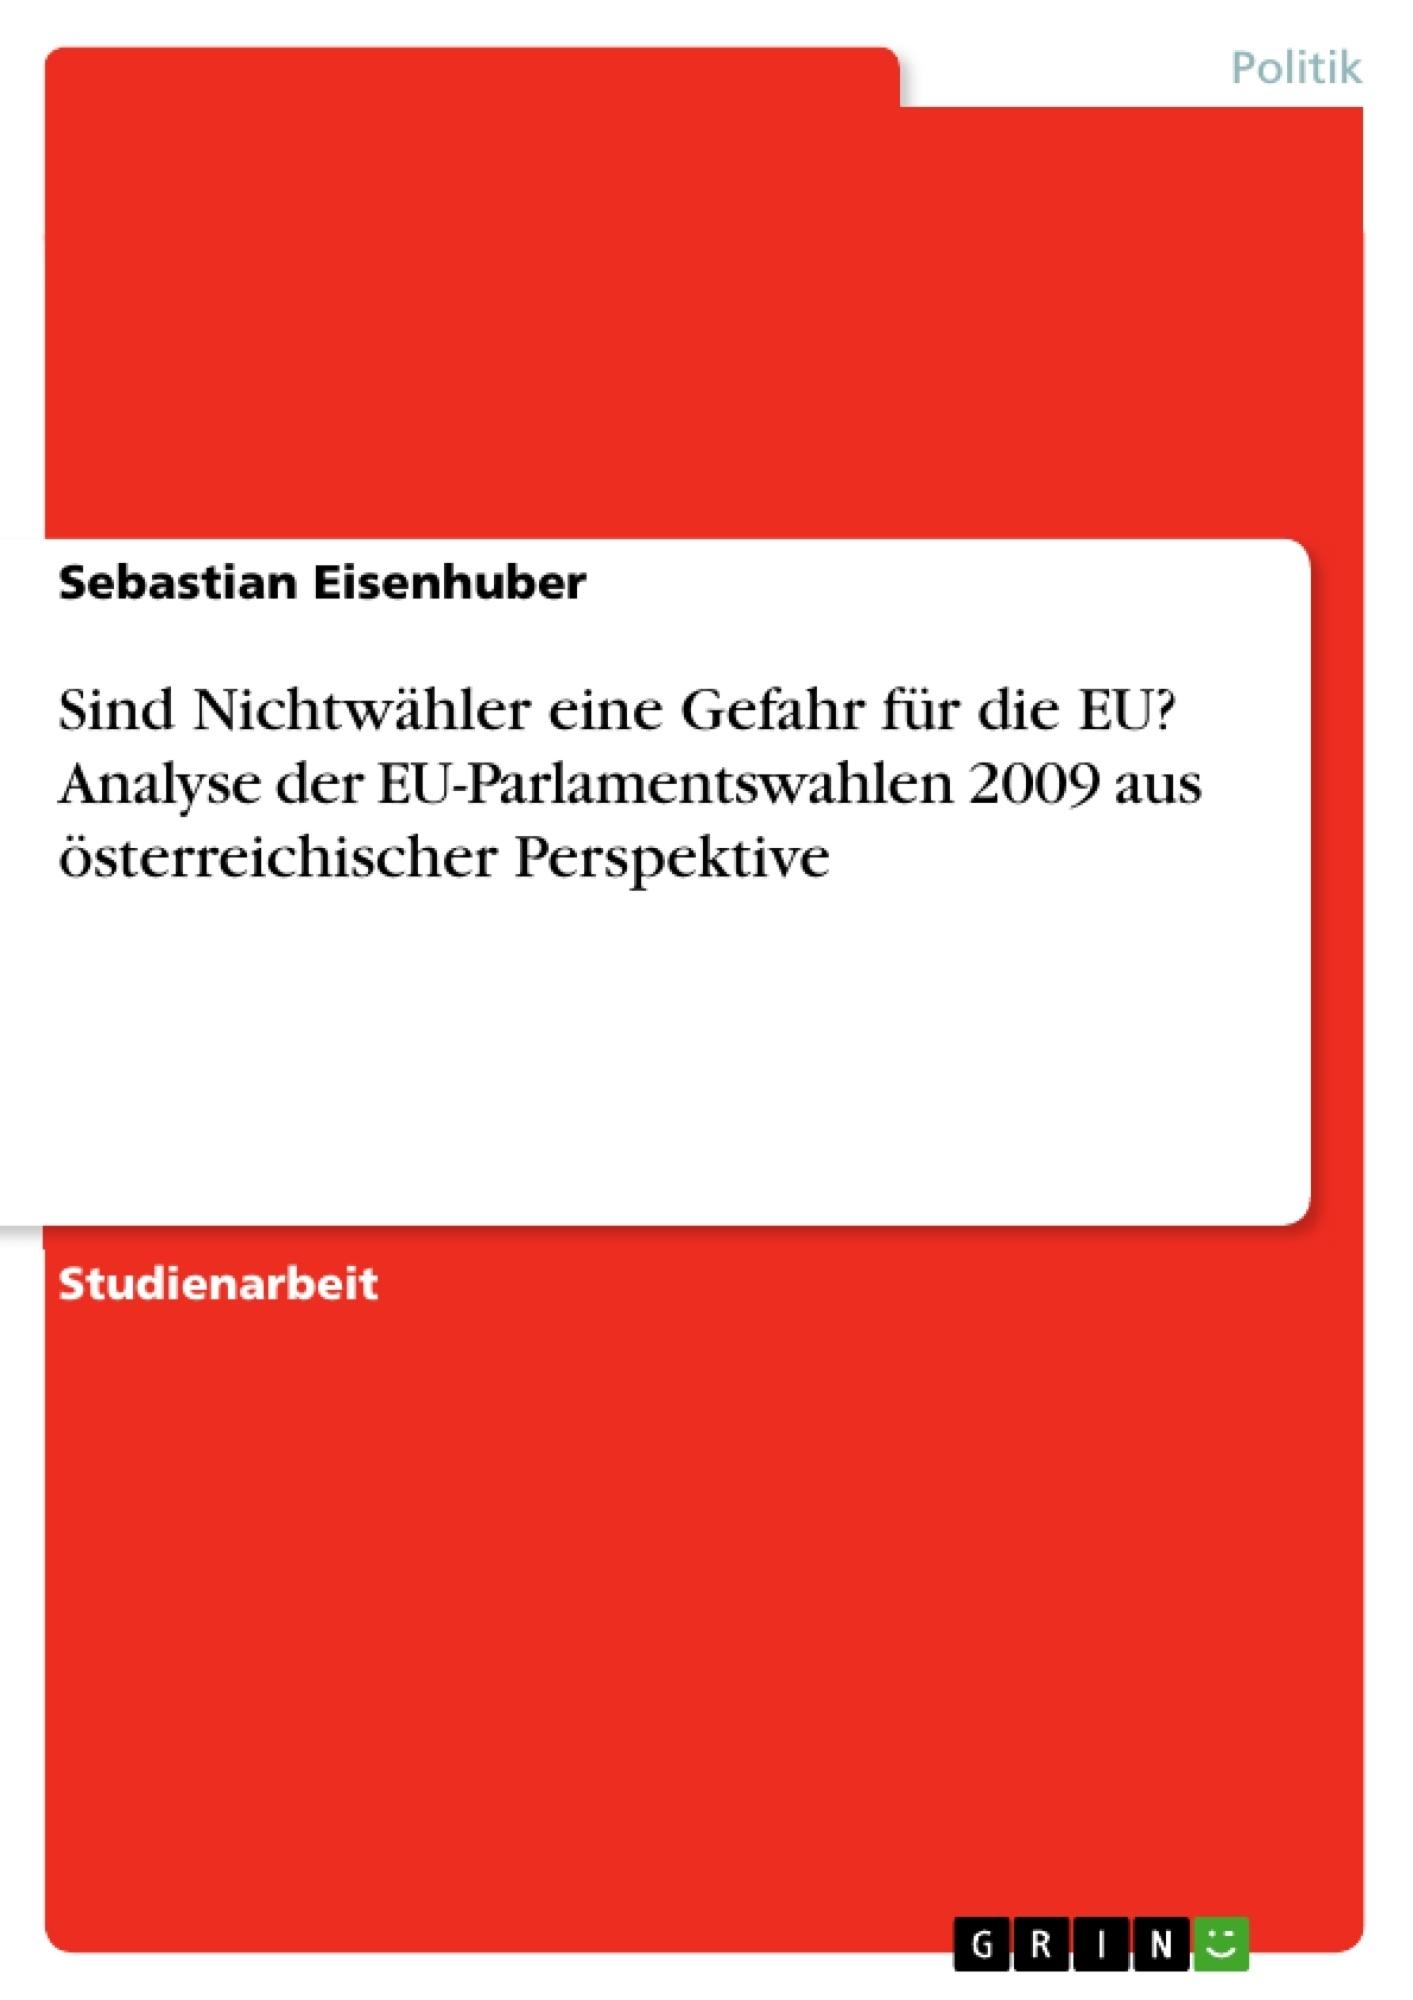 Titel: Sind Nichtwähler eine Gefahr für die EU? Analyse der EU-Parlamentswahlen 2009 aus österreichischer Perspektive